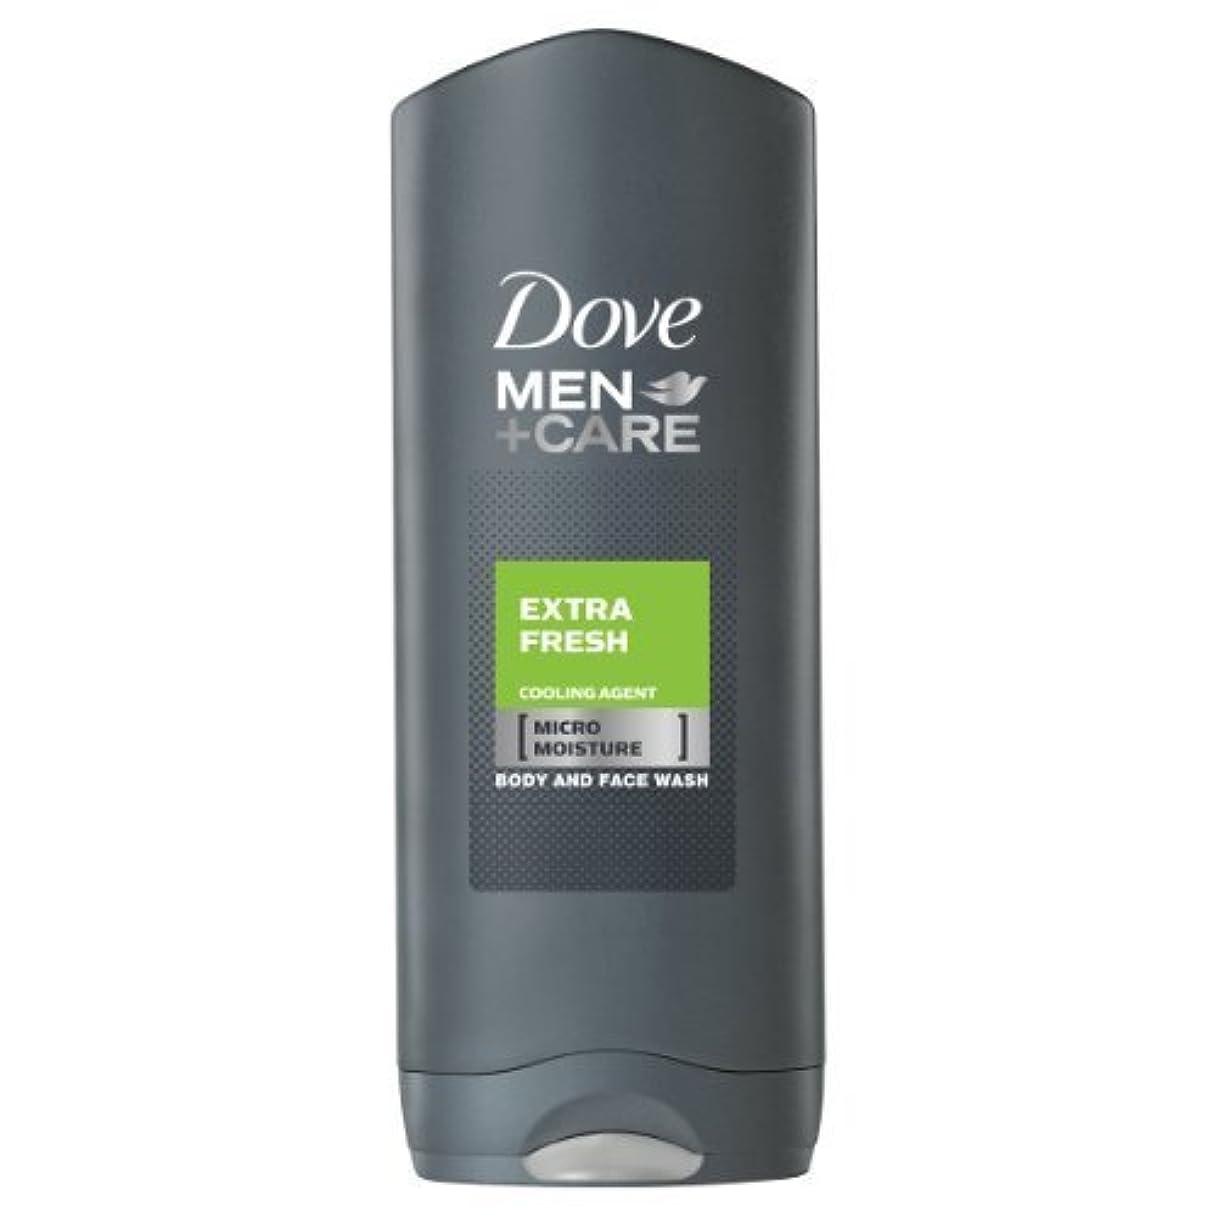 処理する罹患率すばらしいですDove for Men Extra Fresh Body and Face Wash 250 ml by Dove [並行輸入品]